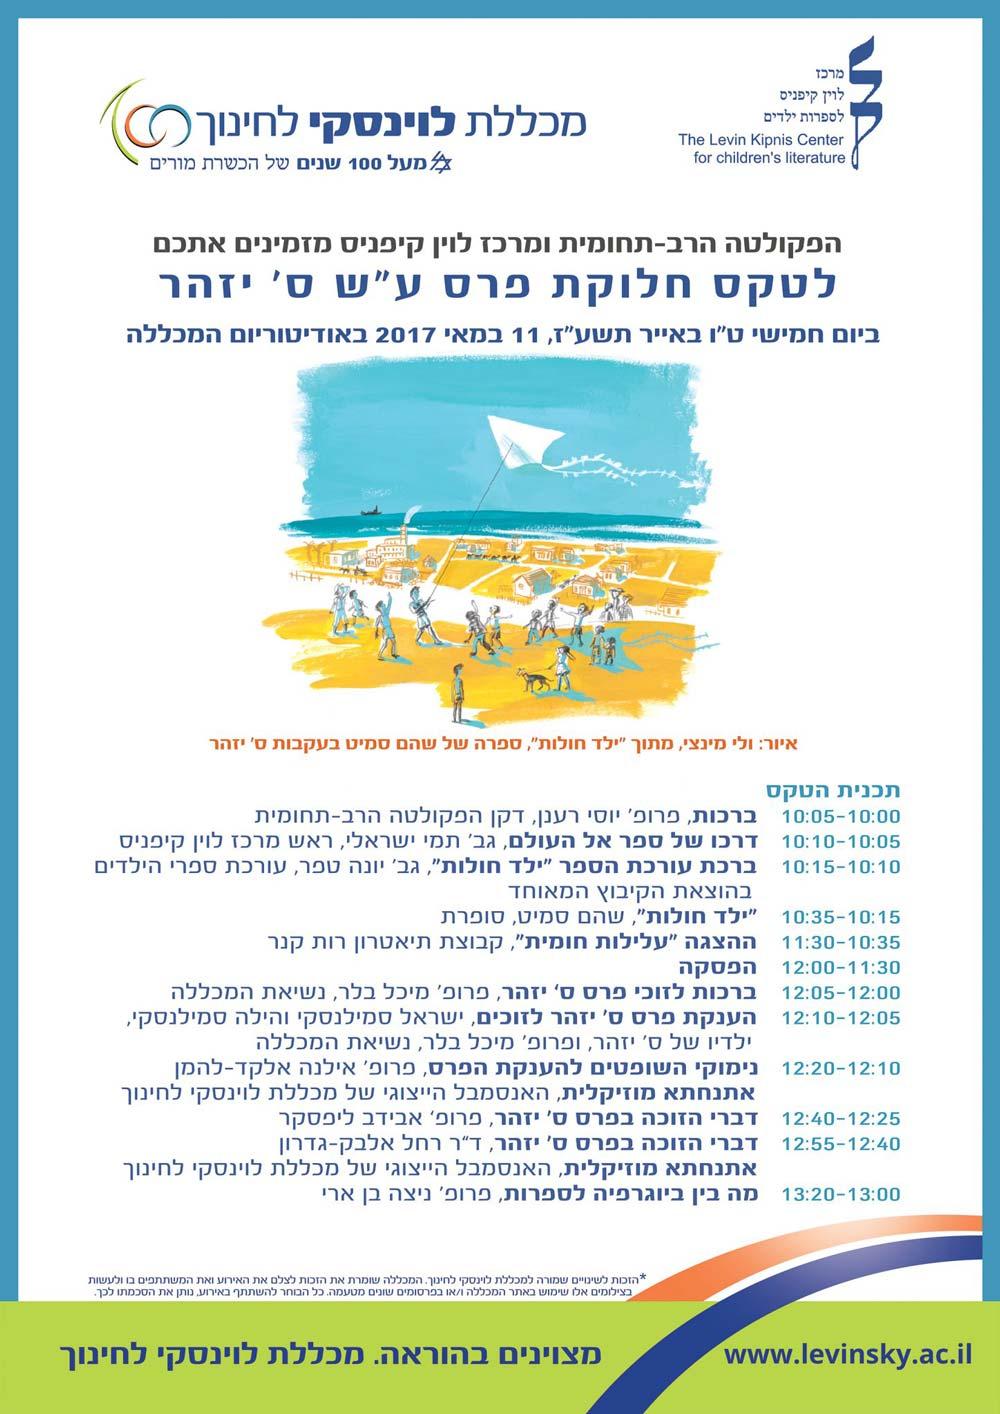 Izhar-Inv-5-11-5-2017